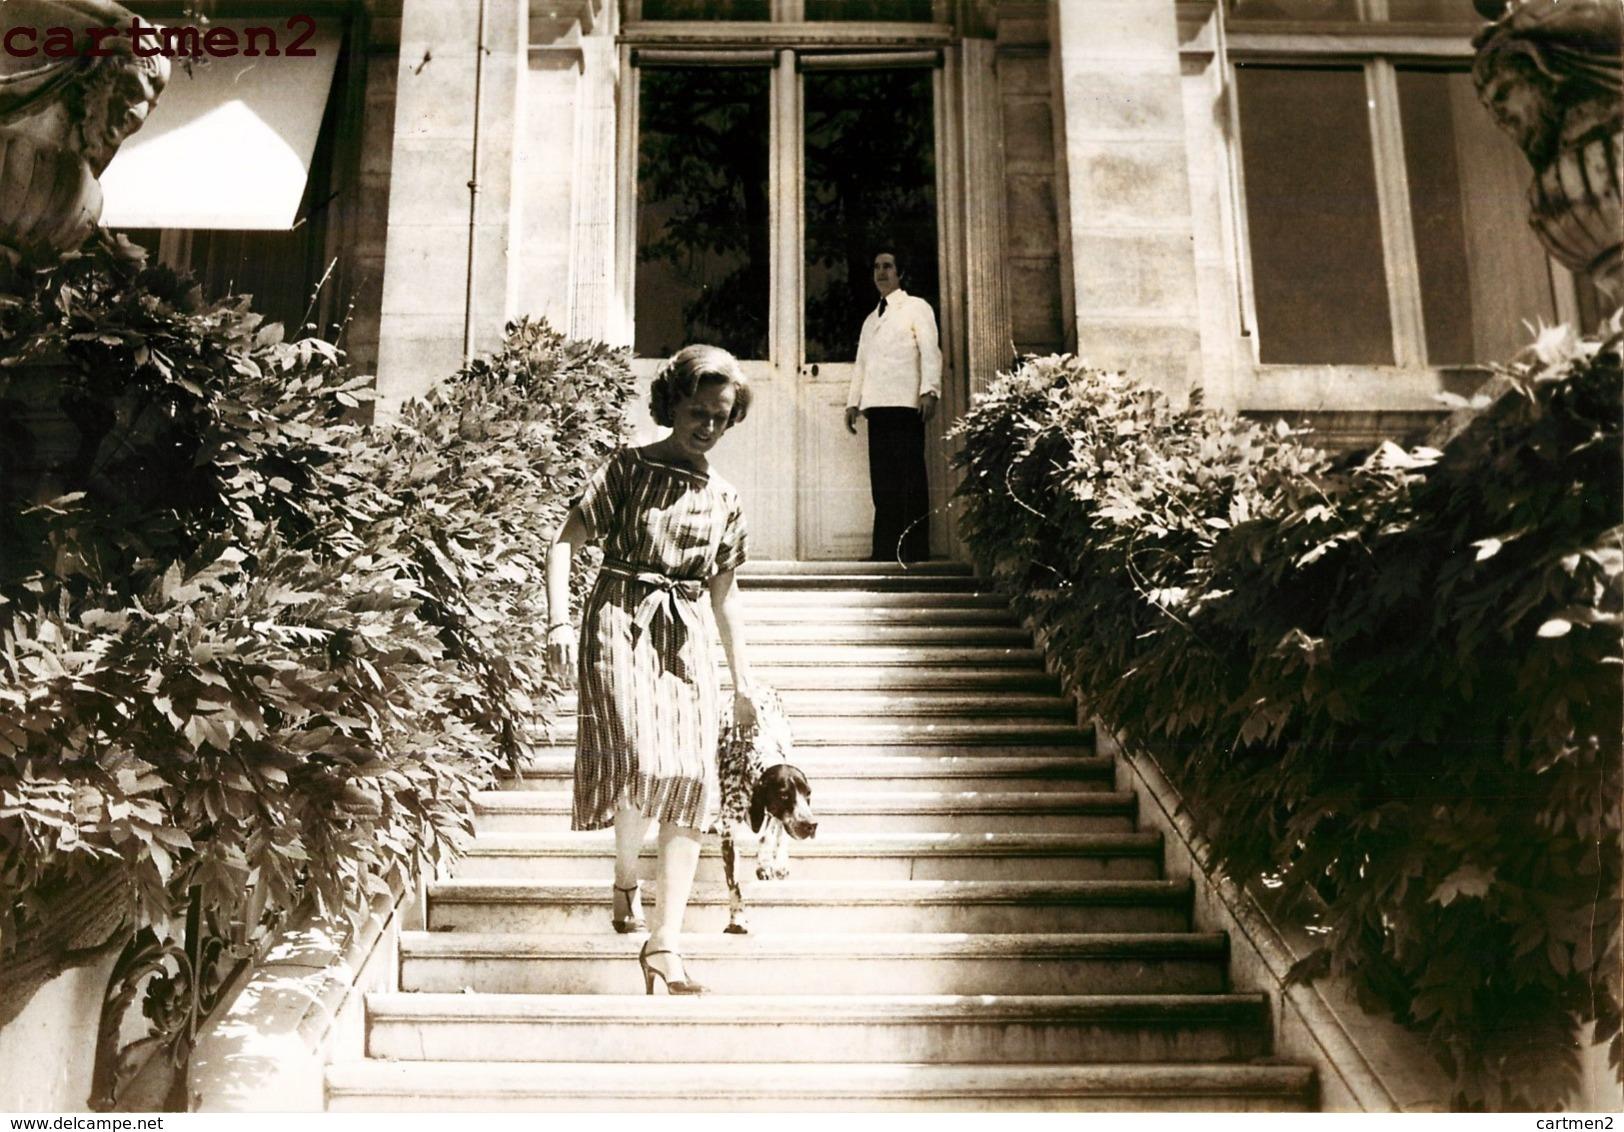 """GRANDE PHOTOGRAPHIE BERNADETTE CHIRAC ET SON CHIEN JASMINE """" BLEU D'AUVERGNE """" PRESIDENT FRANCAIS PREMIER MINISTRE - Personalidades Famosas"""